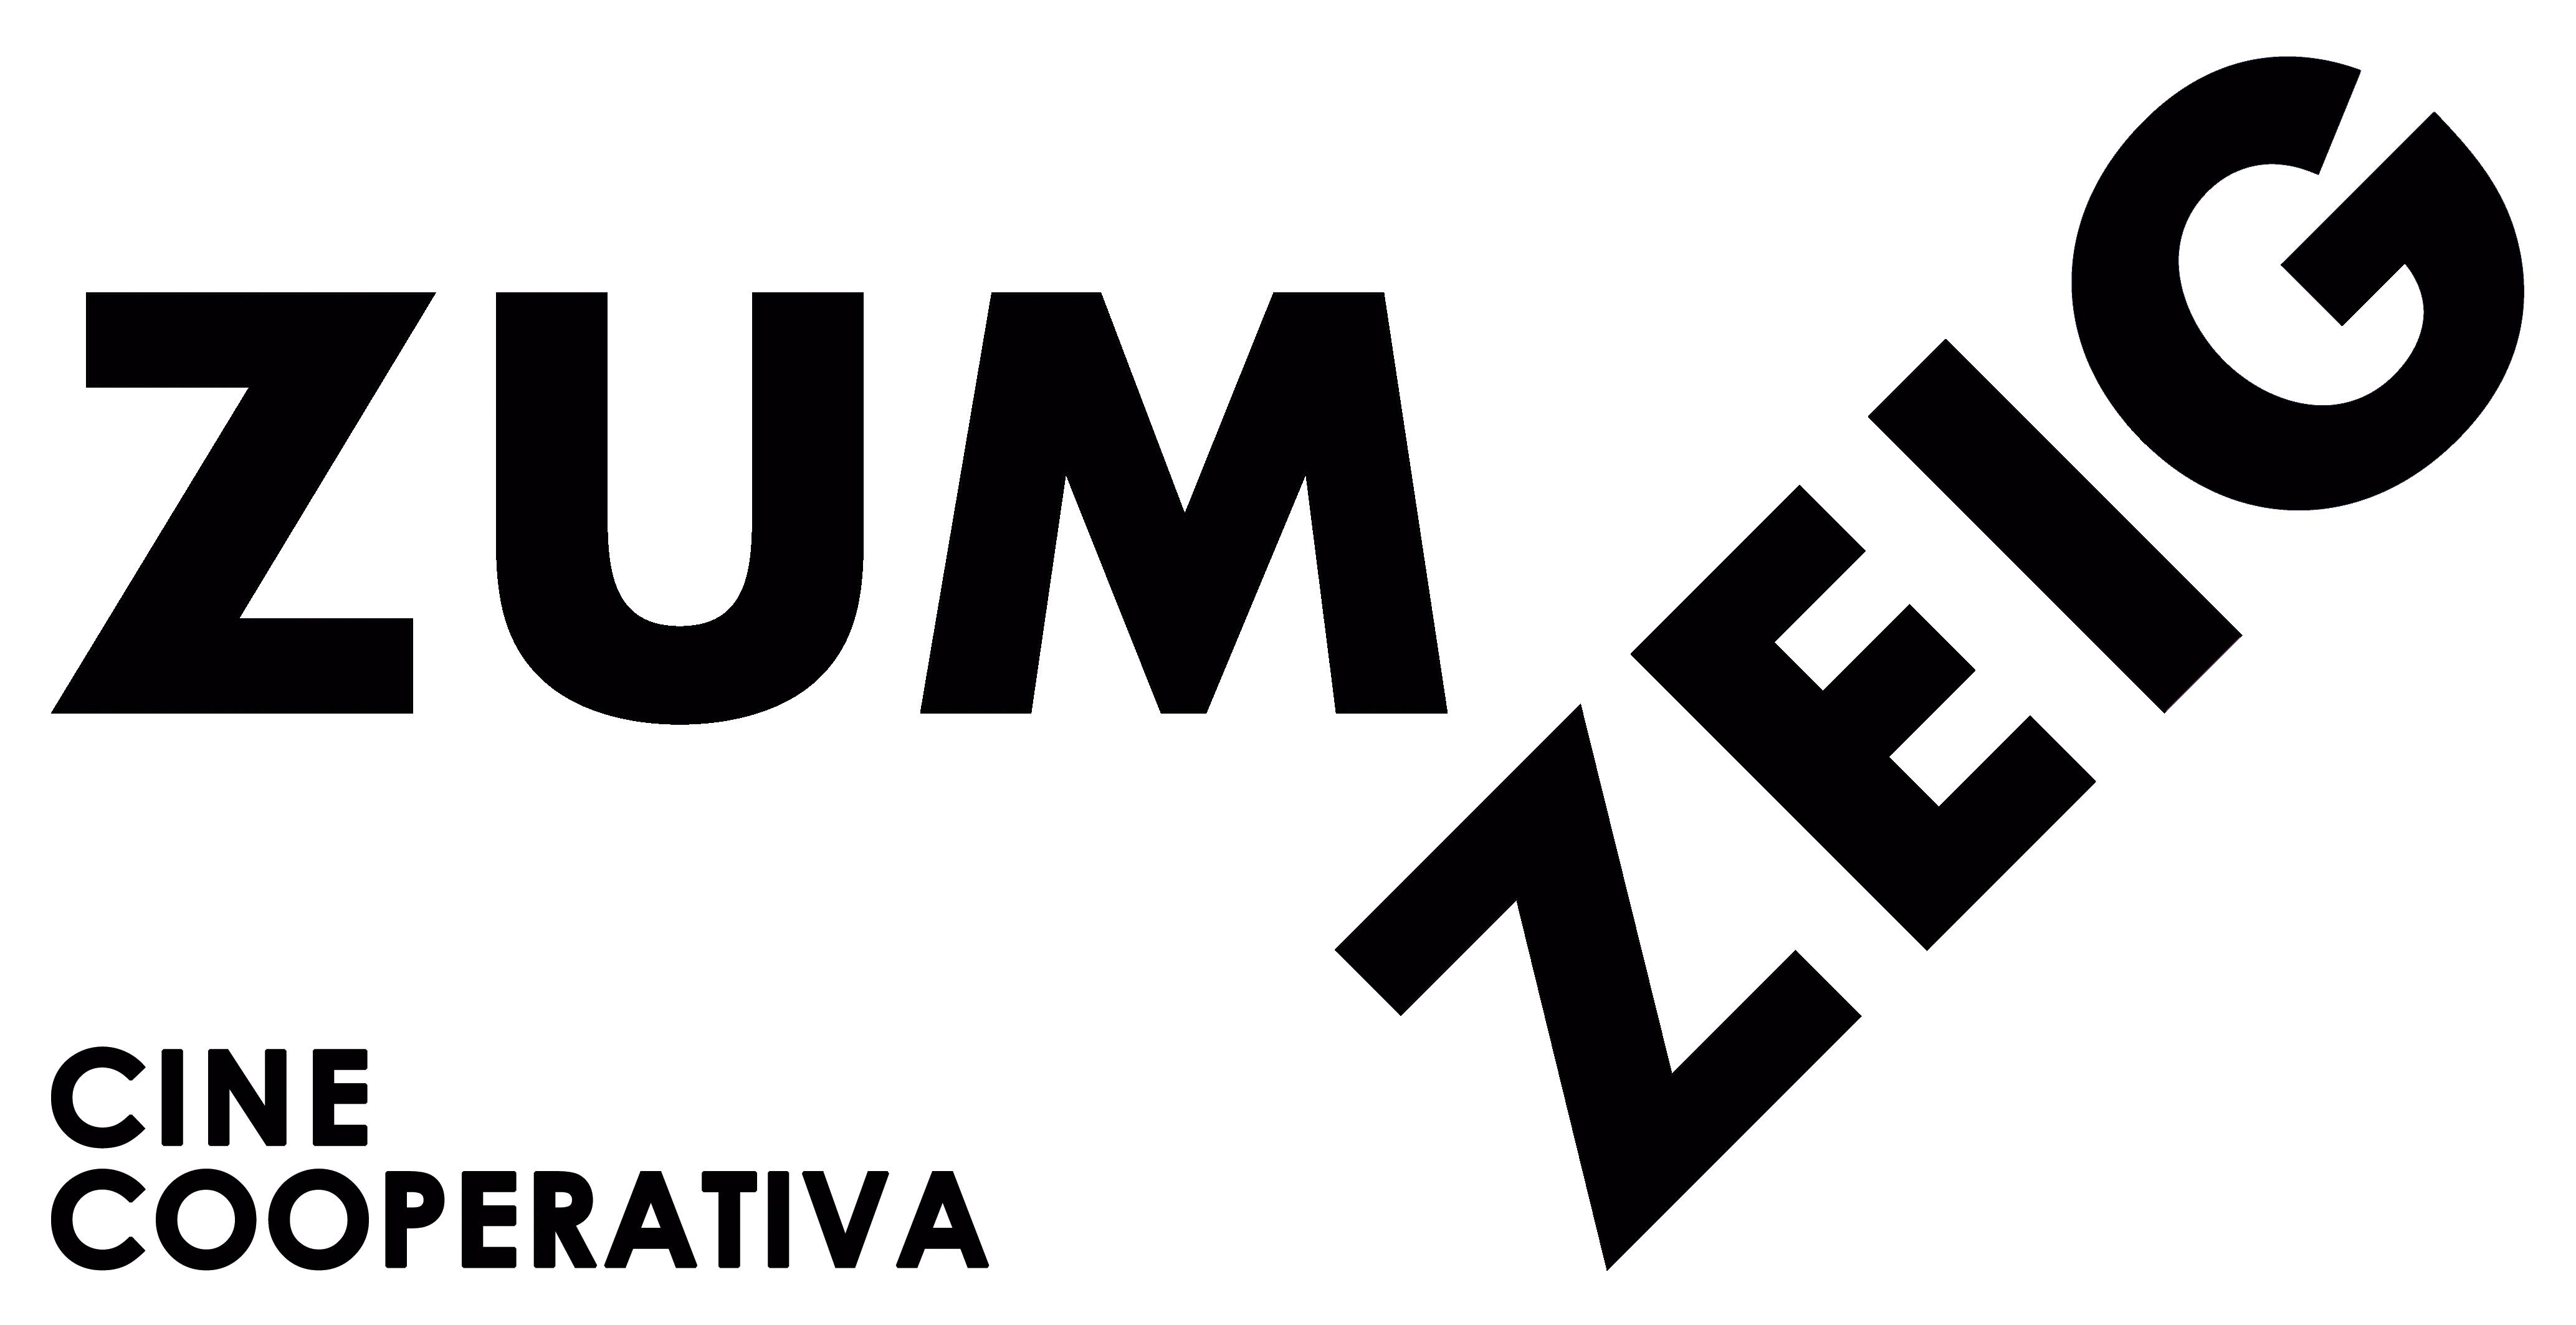 Zumzeig Cine Cooperativa